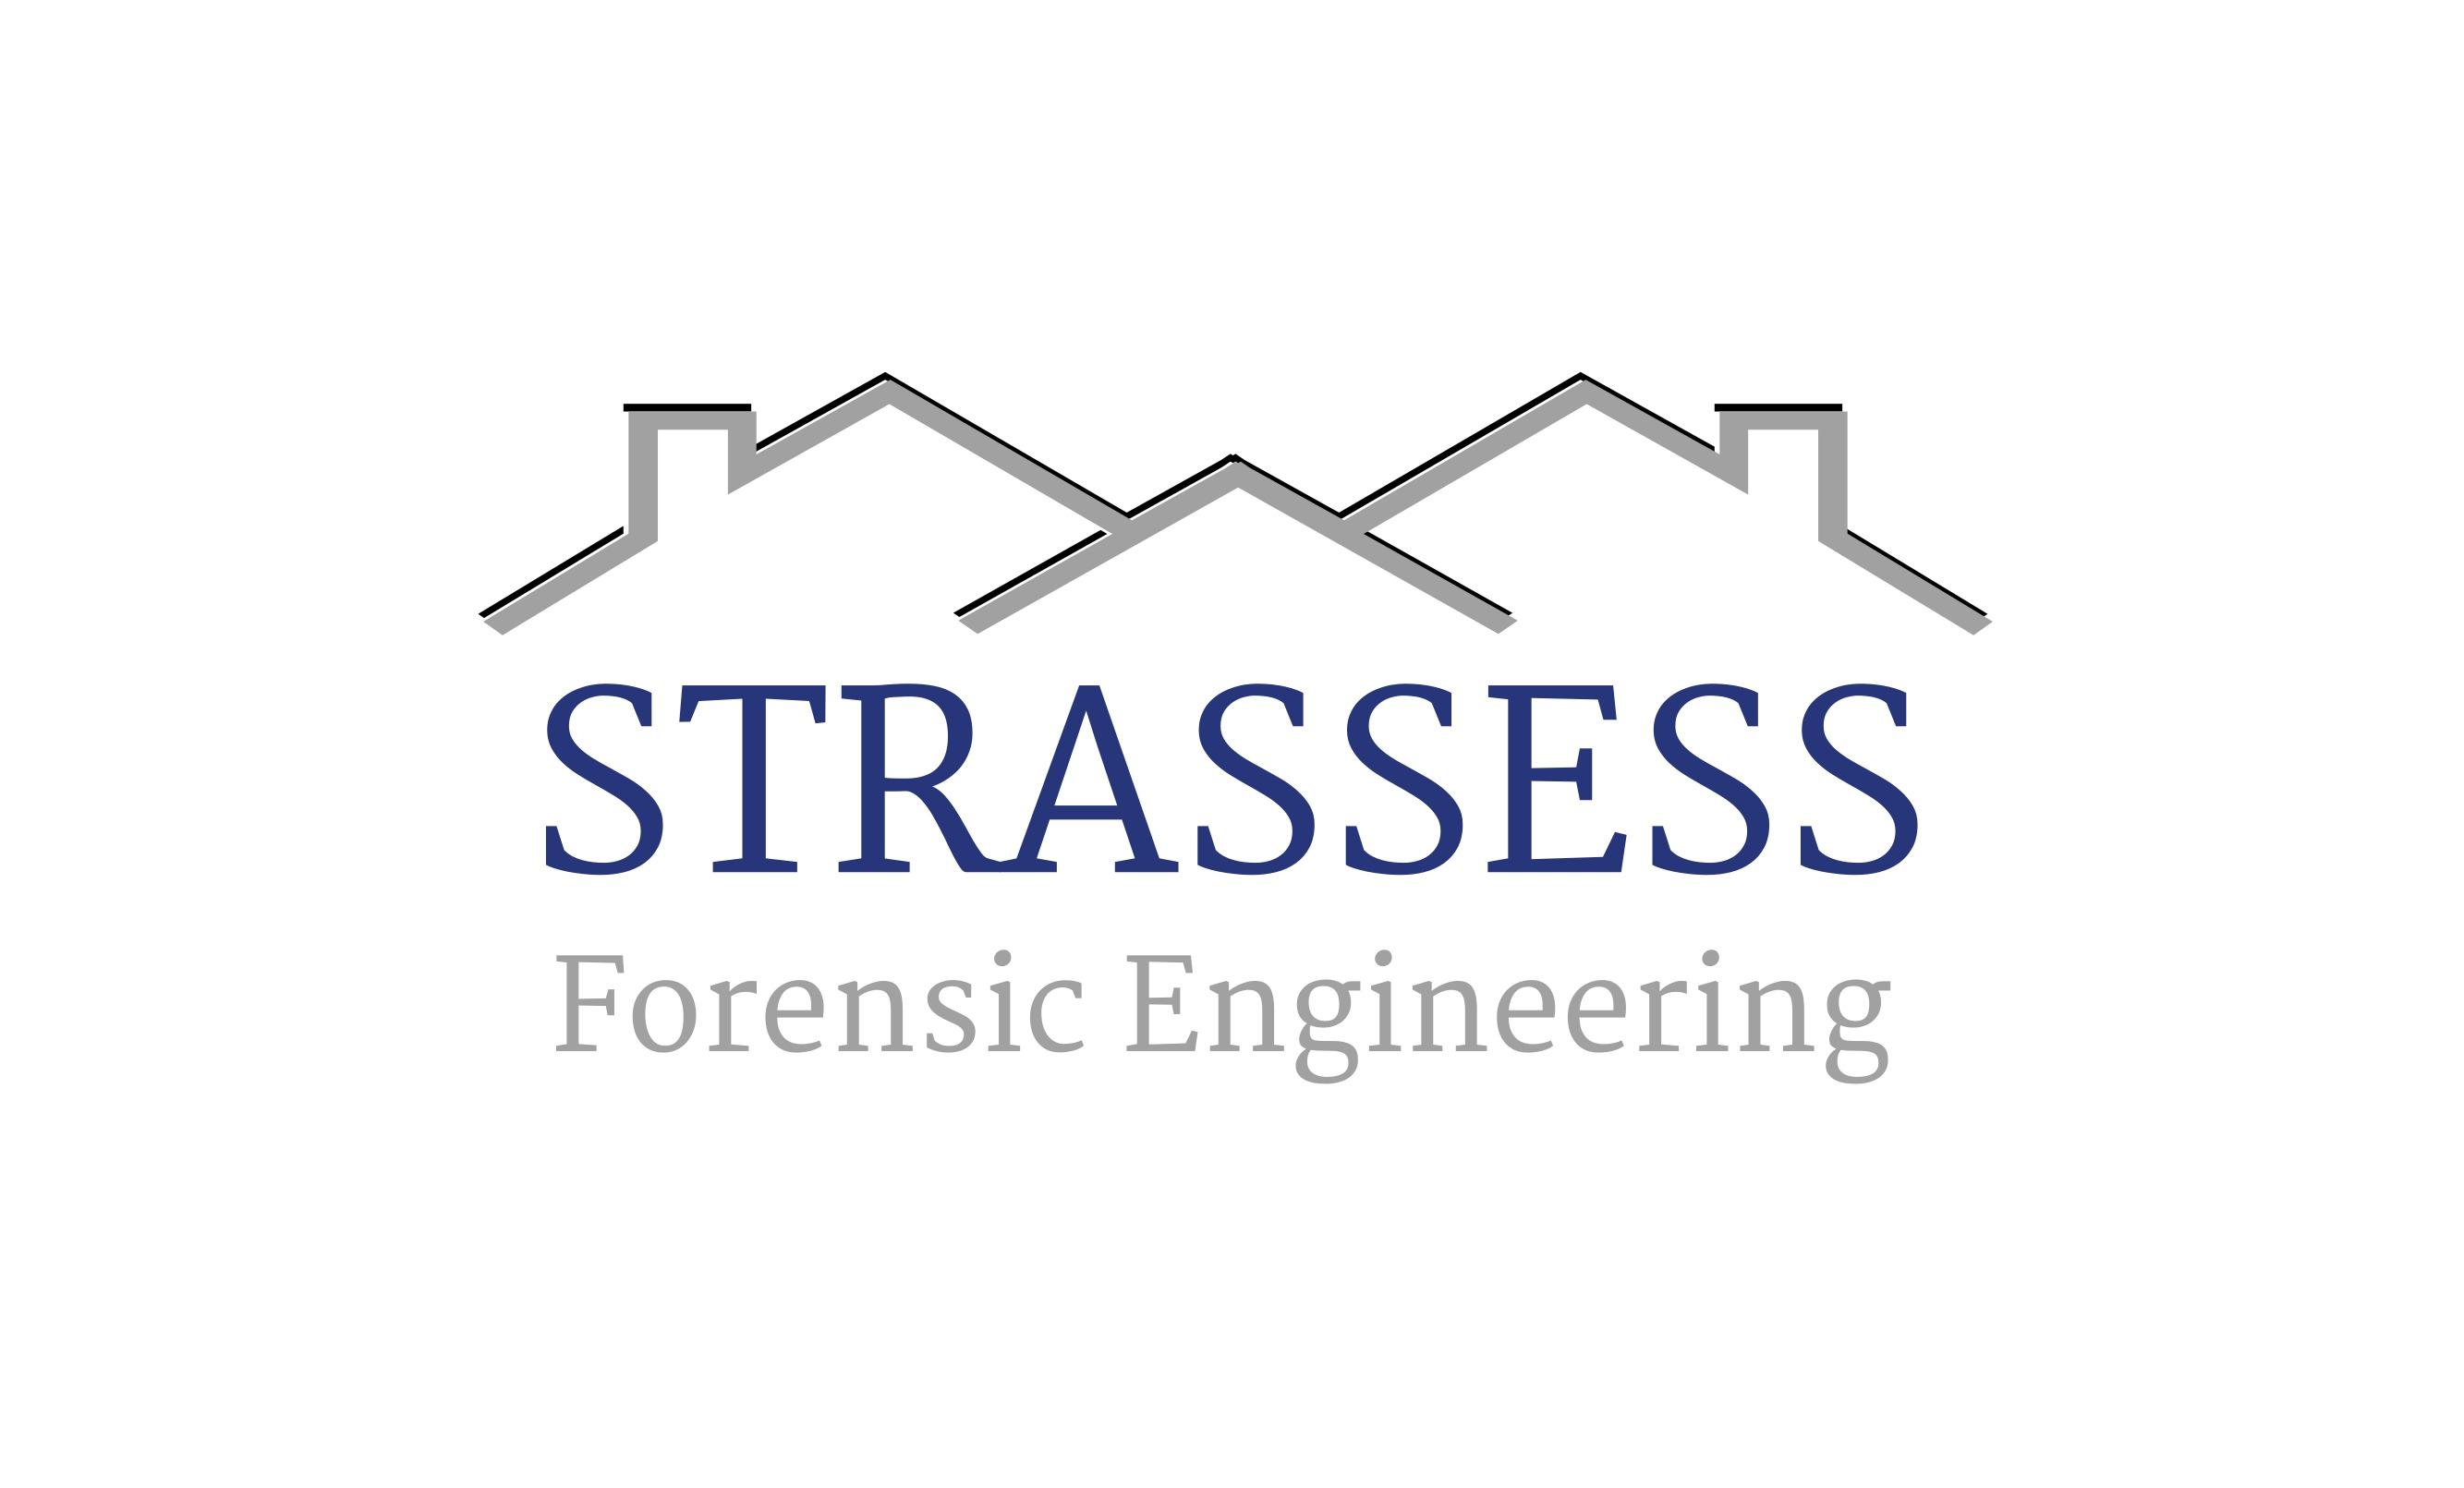 STRASSESS